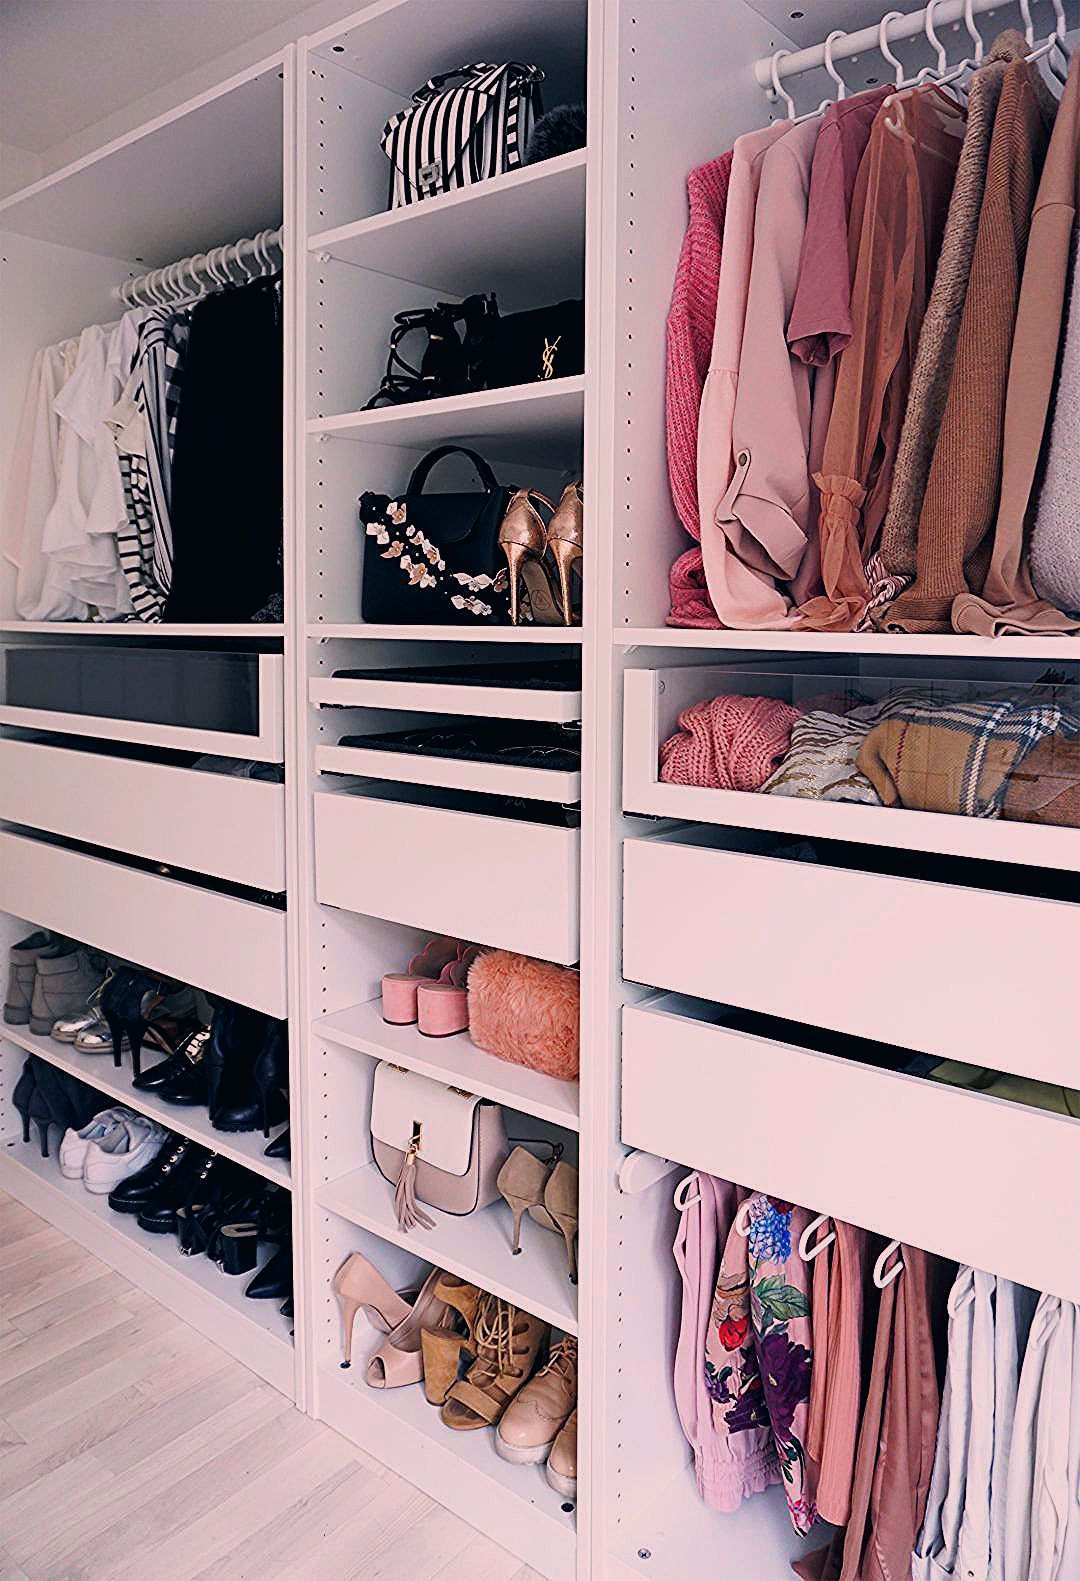 Epingle Par Melissa Alev Sur Wardrobe Closet En 2020 Idee